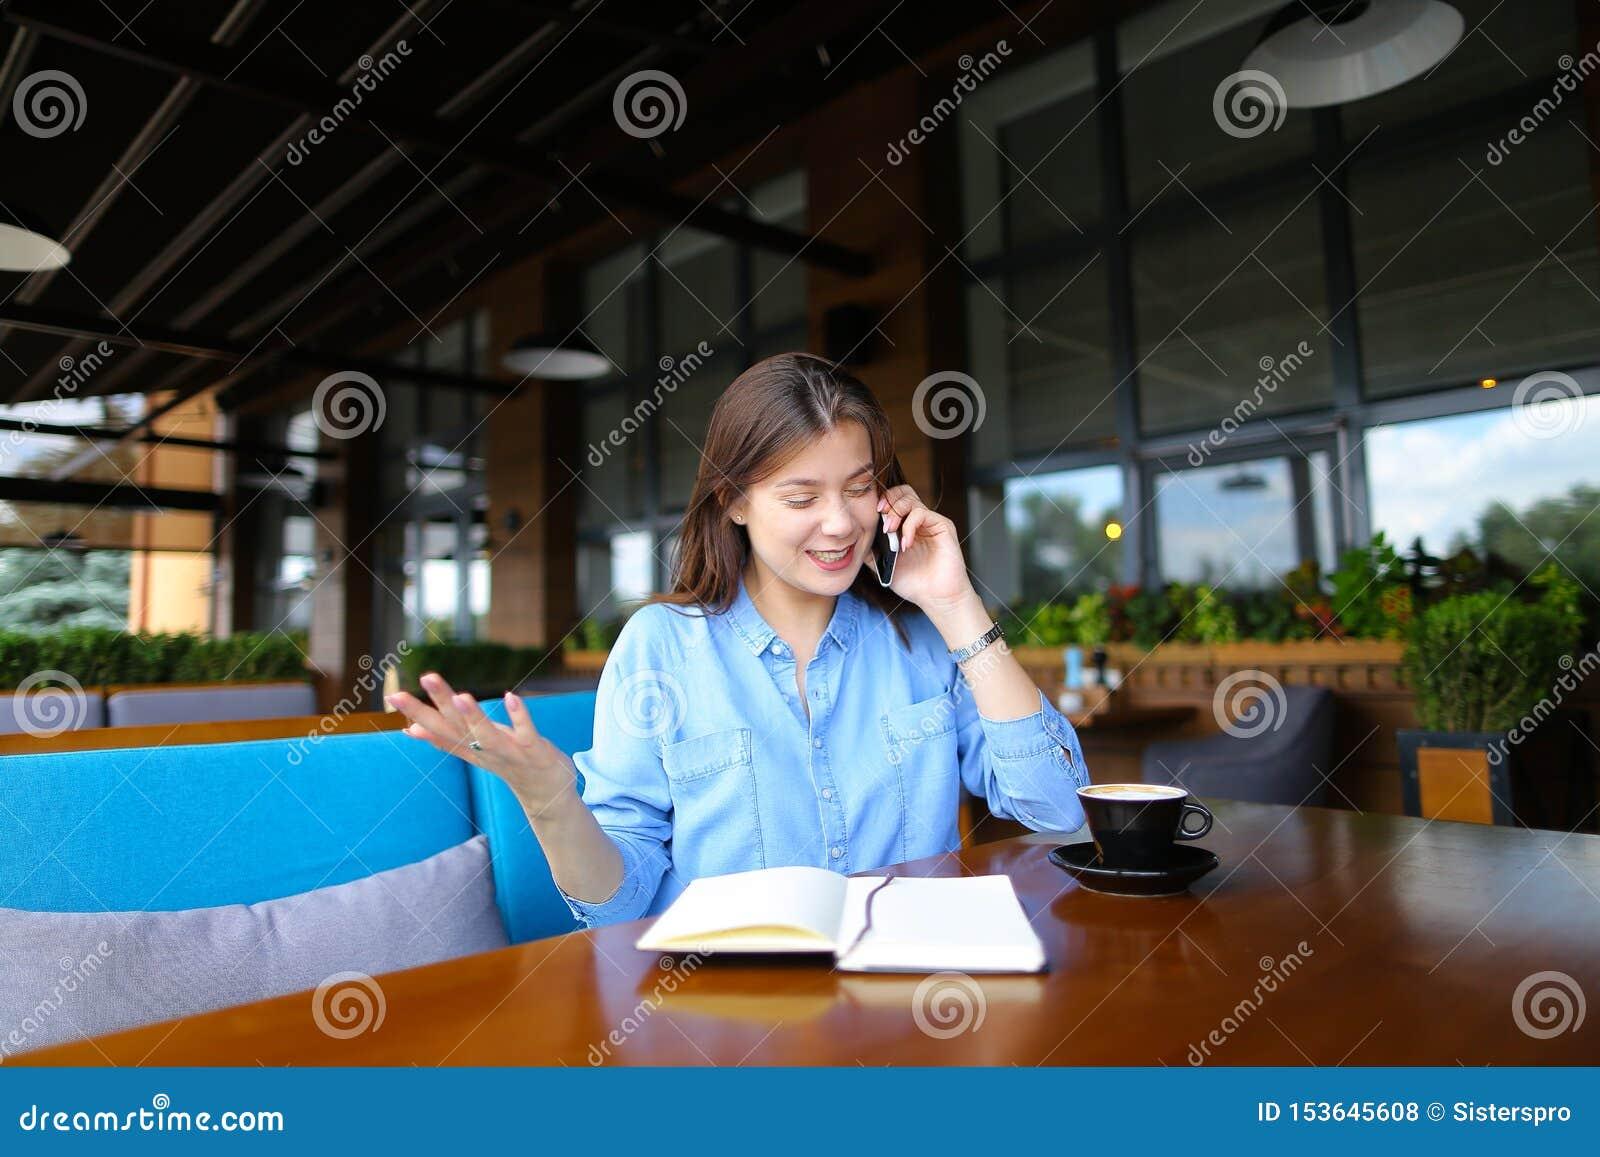 Славная студентка отдыхая на кафе с тетрадью и чашкой кофе, говоря смартфоном